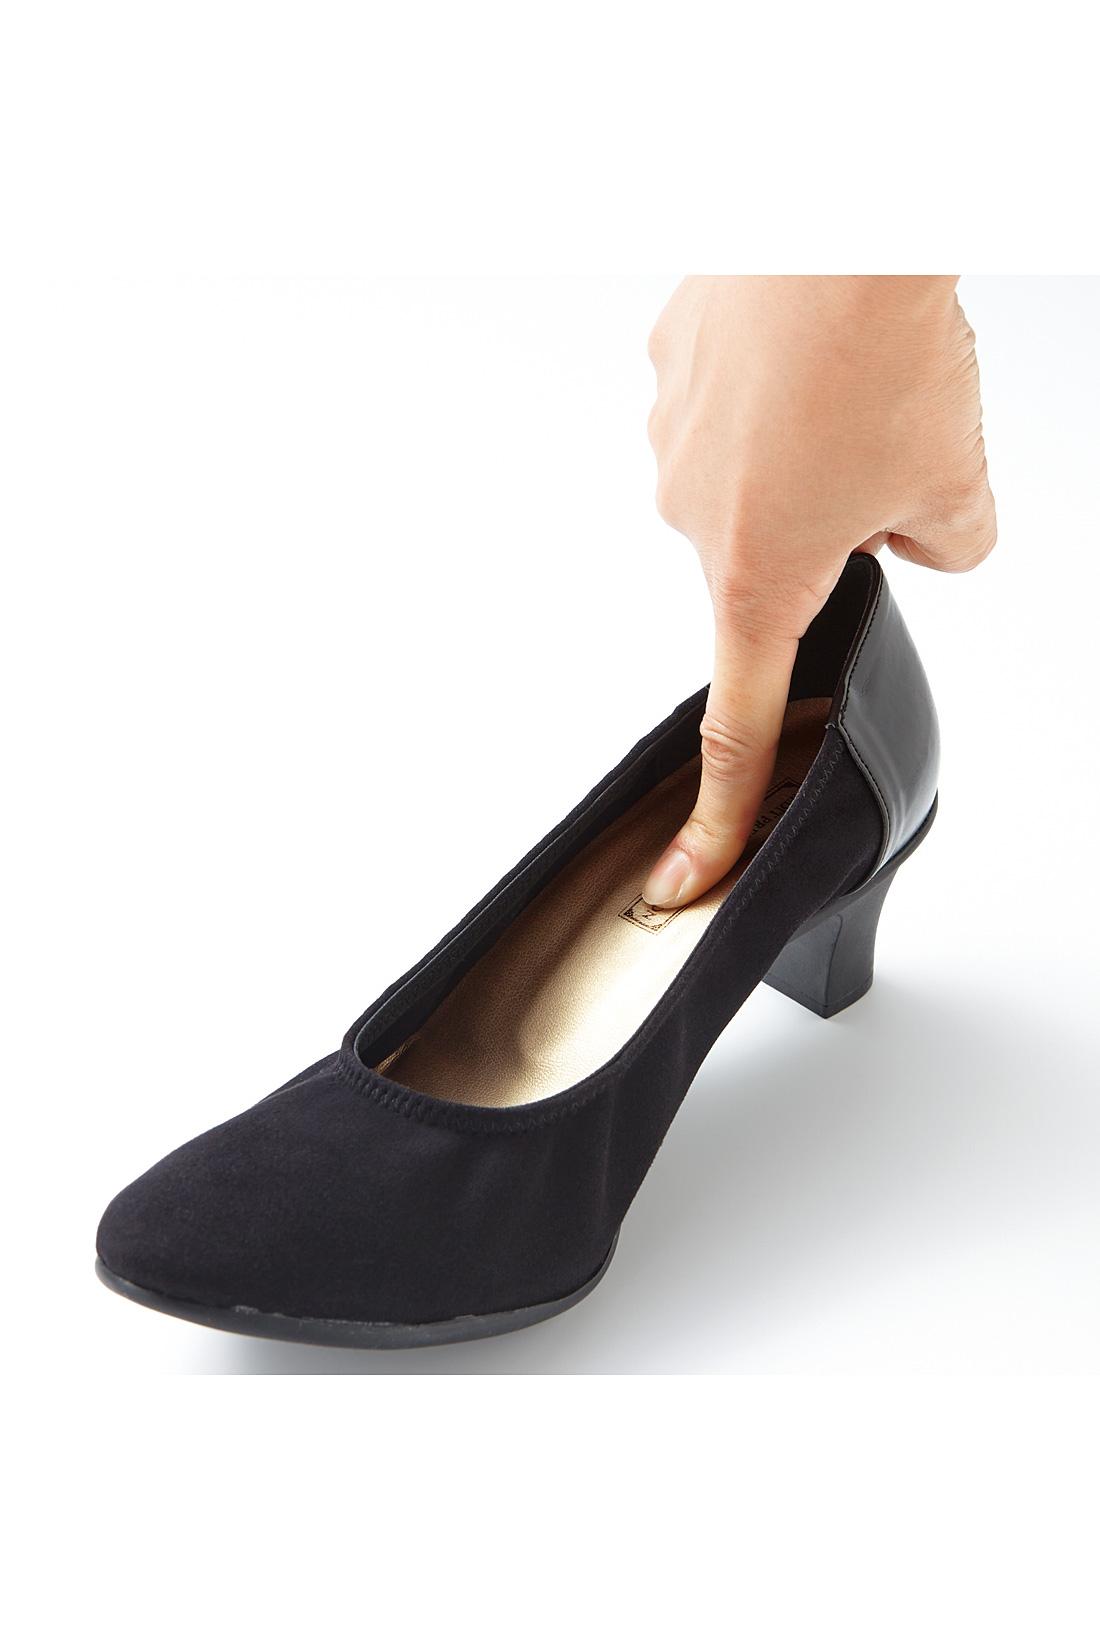 ストッキングが滑って歩きにくい、という声にこたえて、滑りにくい中敷きを使用。